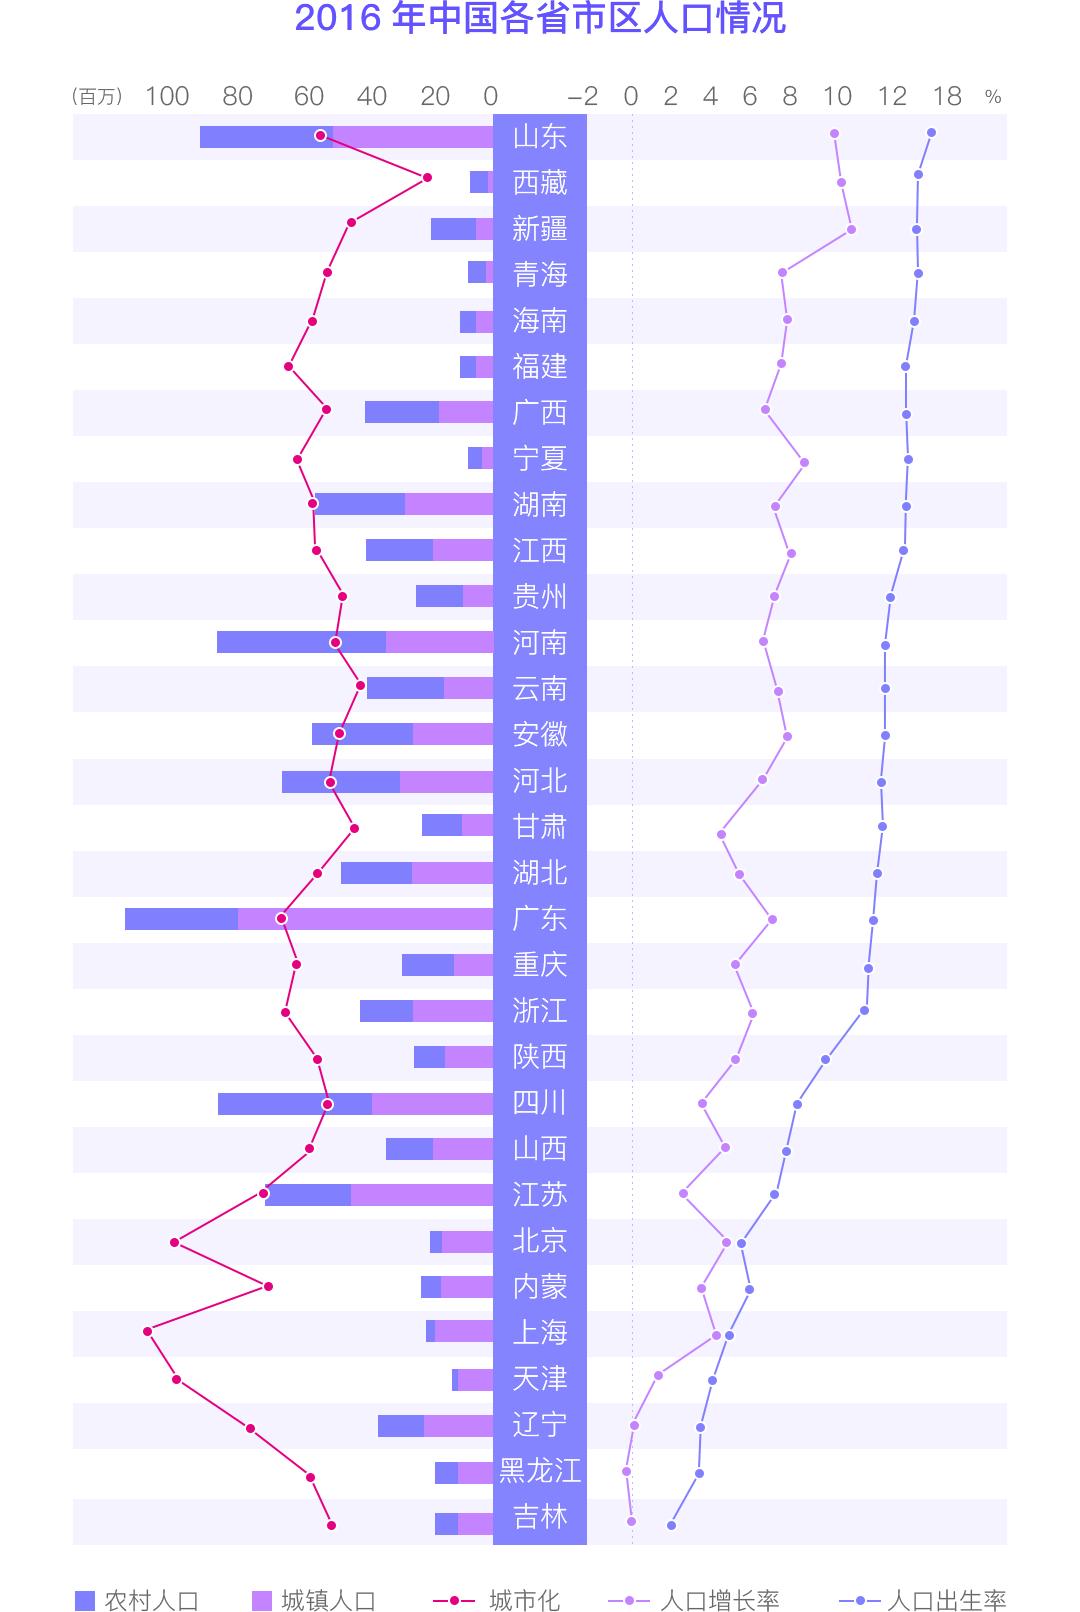 上海人口增长率_京 城互鉴 宏观尺度上京沪双城的若干比较(2)